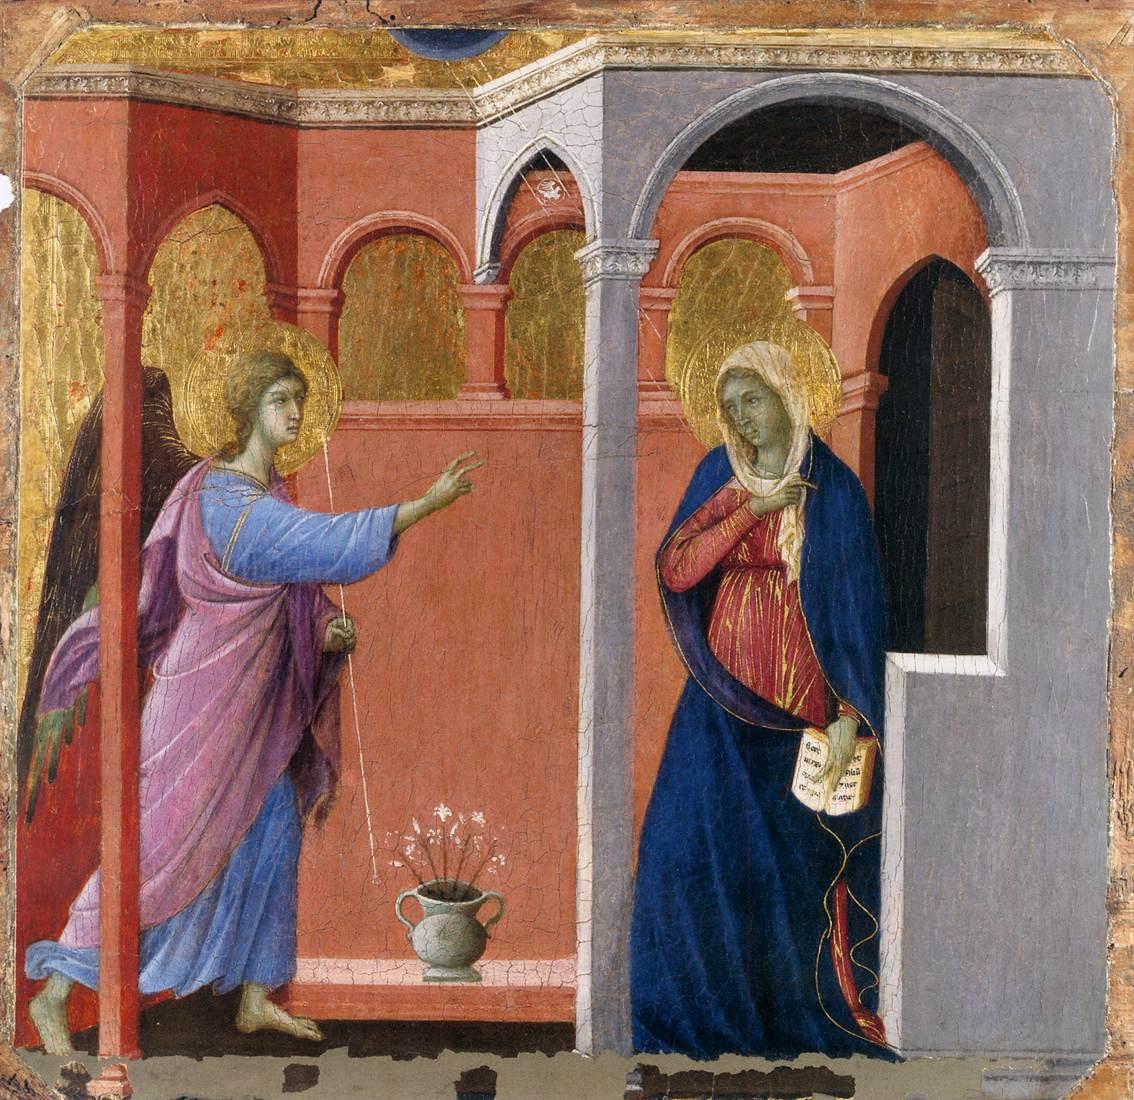 1308-11-duccio-annunciation.jpg